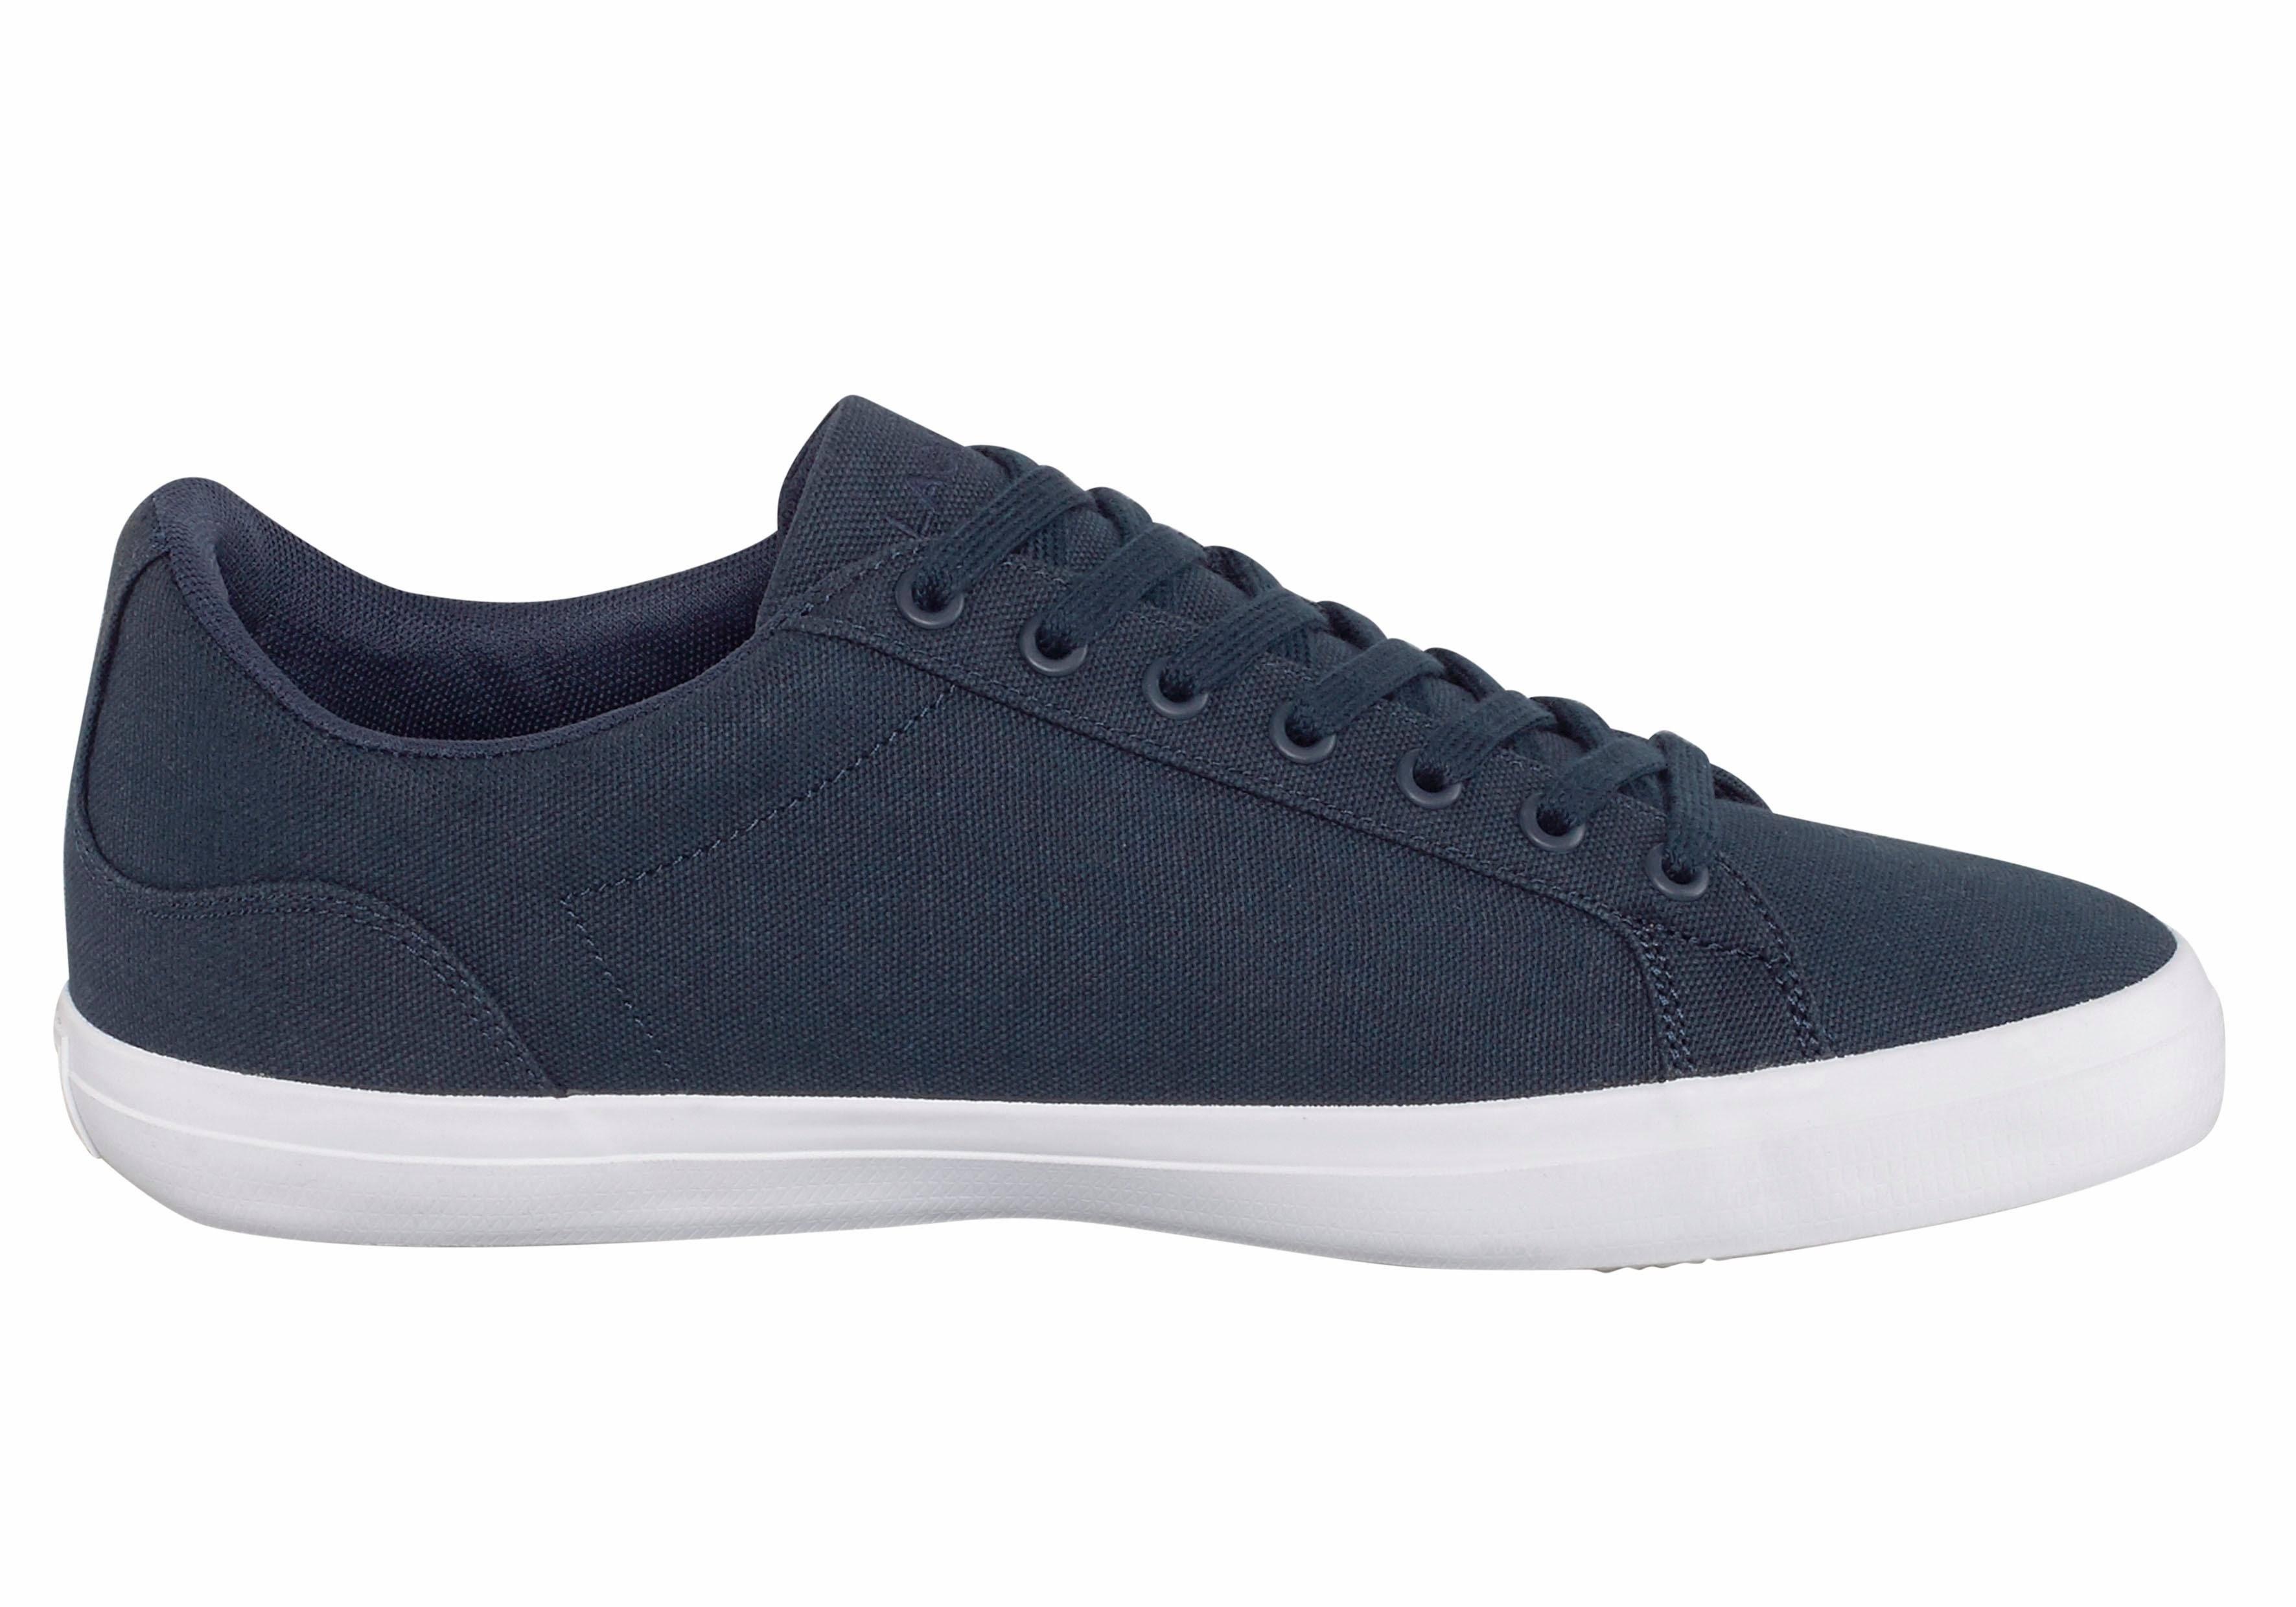 Ii In Heren Lerond Lacoste Sneaker Blauw 41 Bl Blauw 7ZXPIq